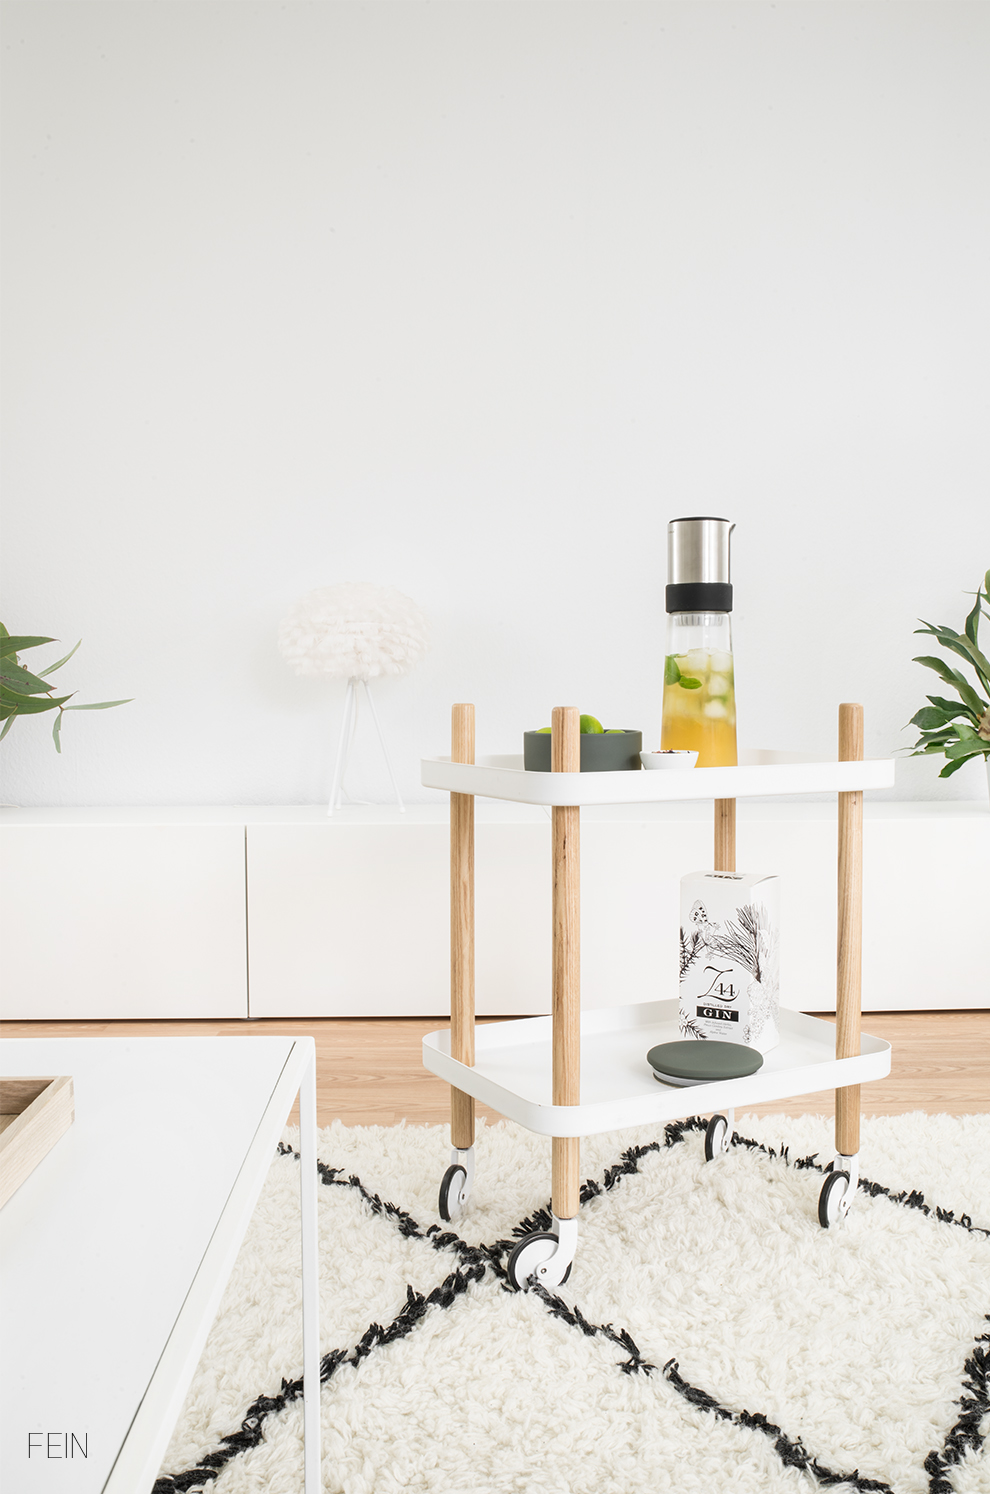 Interior Lieblinge Wohnzimmer Frühling Trends